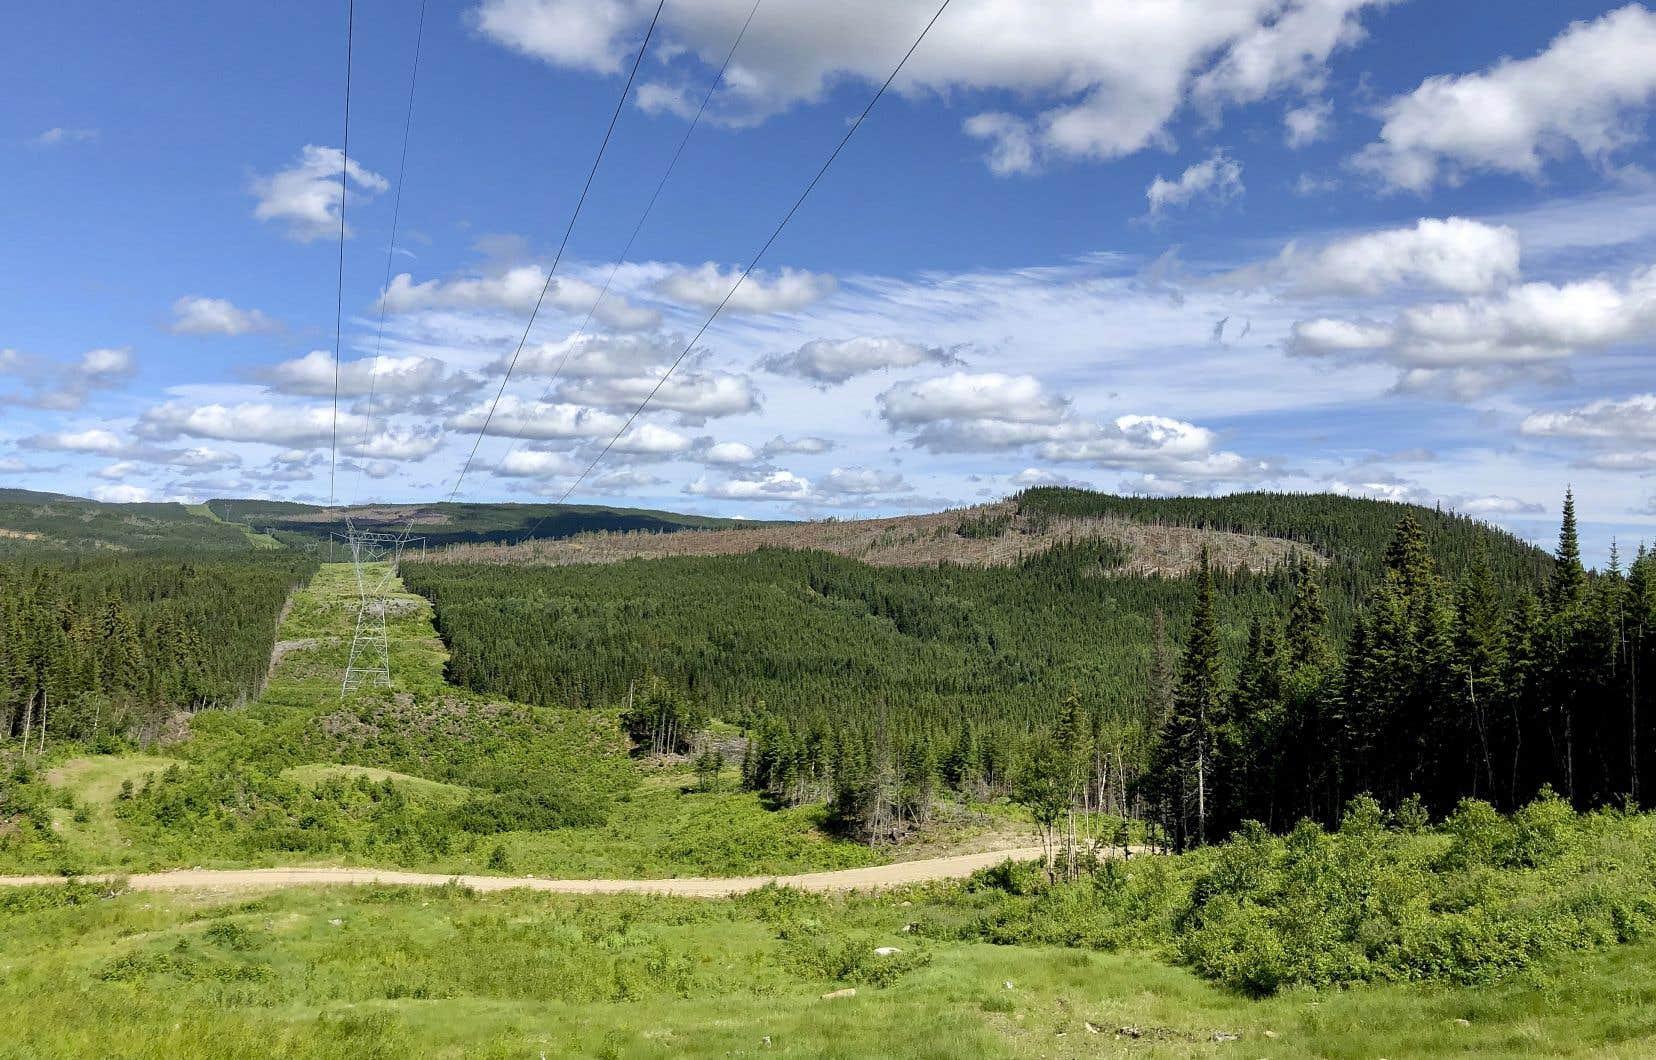 L'ancien chemin des Poteaux, qui a été aménagé dans les années 1870, croise les lignes hydroélectriques au cœur de la réserve faunique des Laurentides. En arrière-plan, une zone de coupe forestière à flanc de montagne.